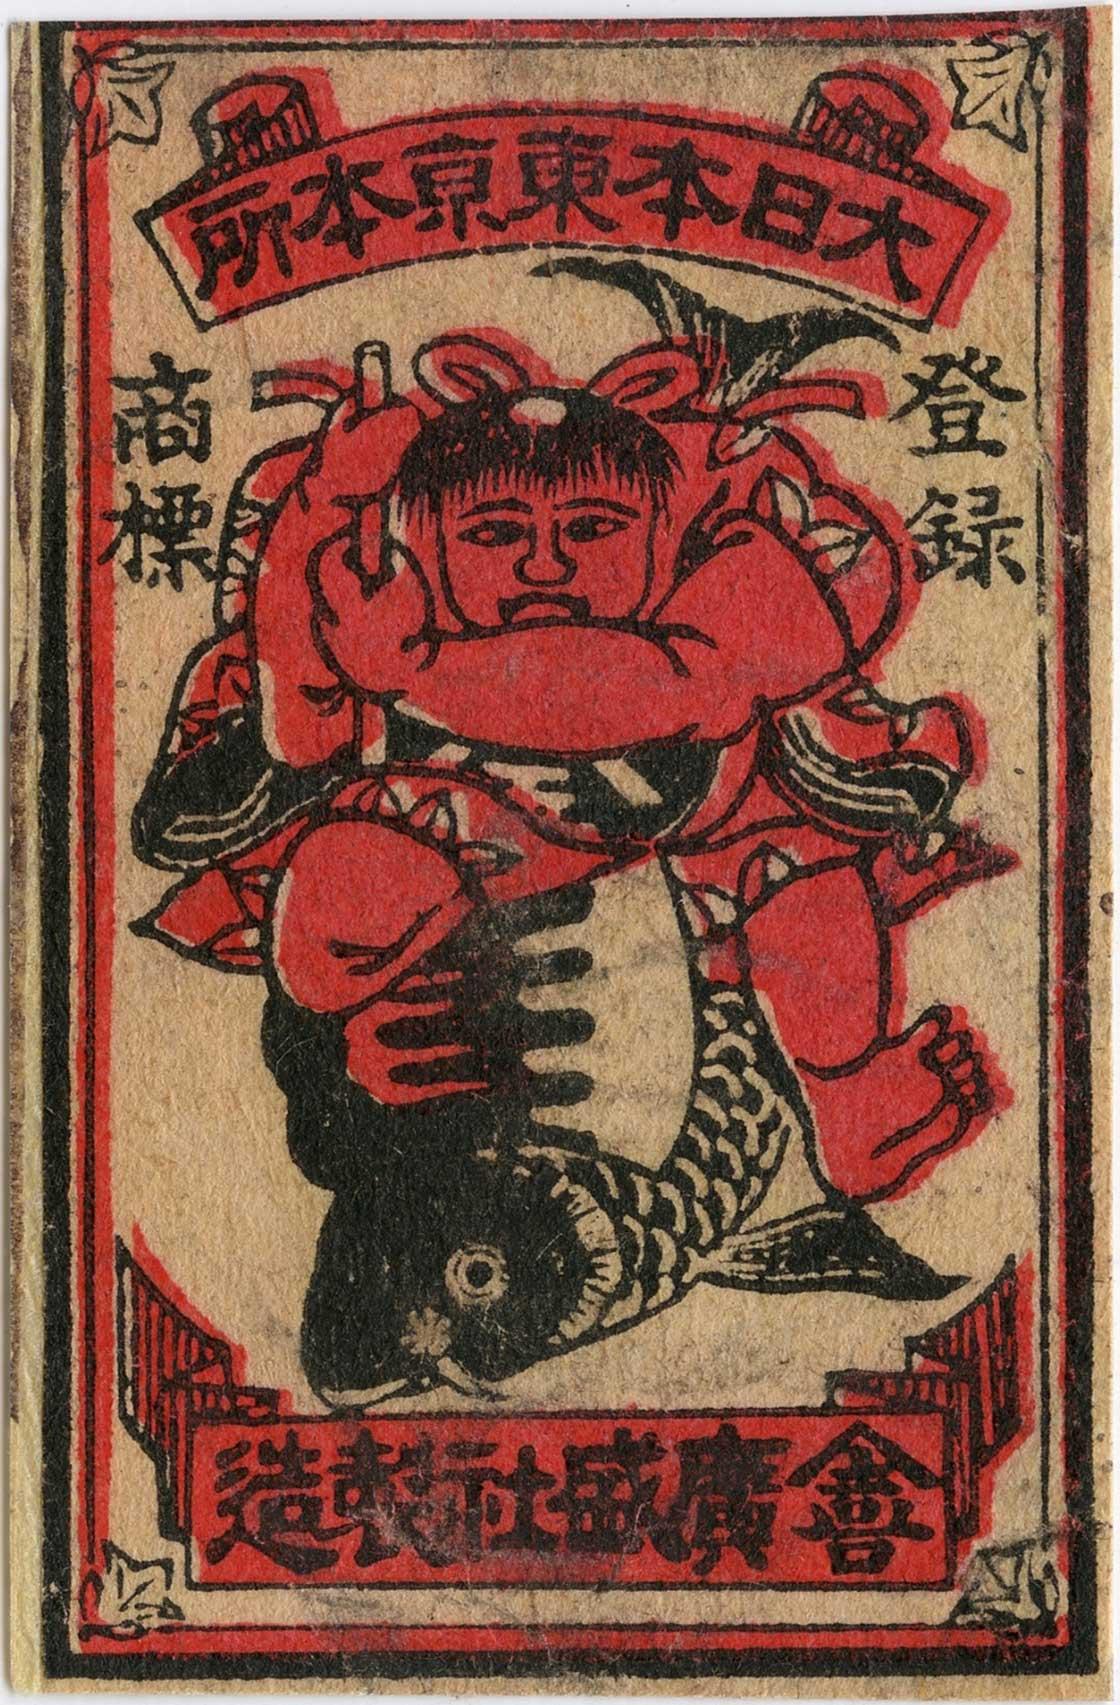 〔国内販売用〕のマッチラベル(金太郎と鯉)